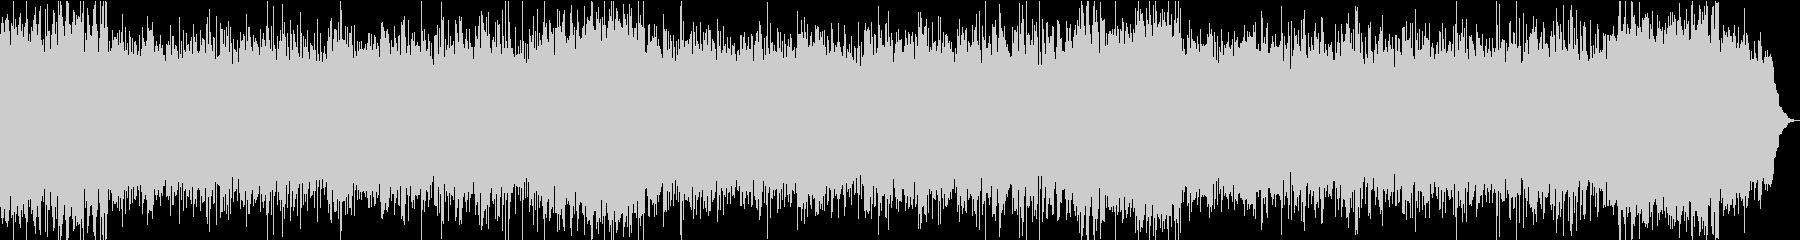 おだやかキラキラ/イントロ17秒の未再生の波形